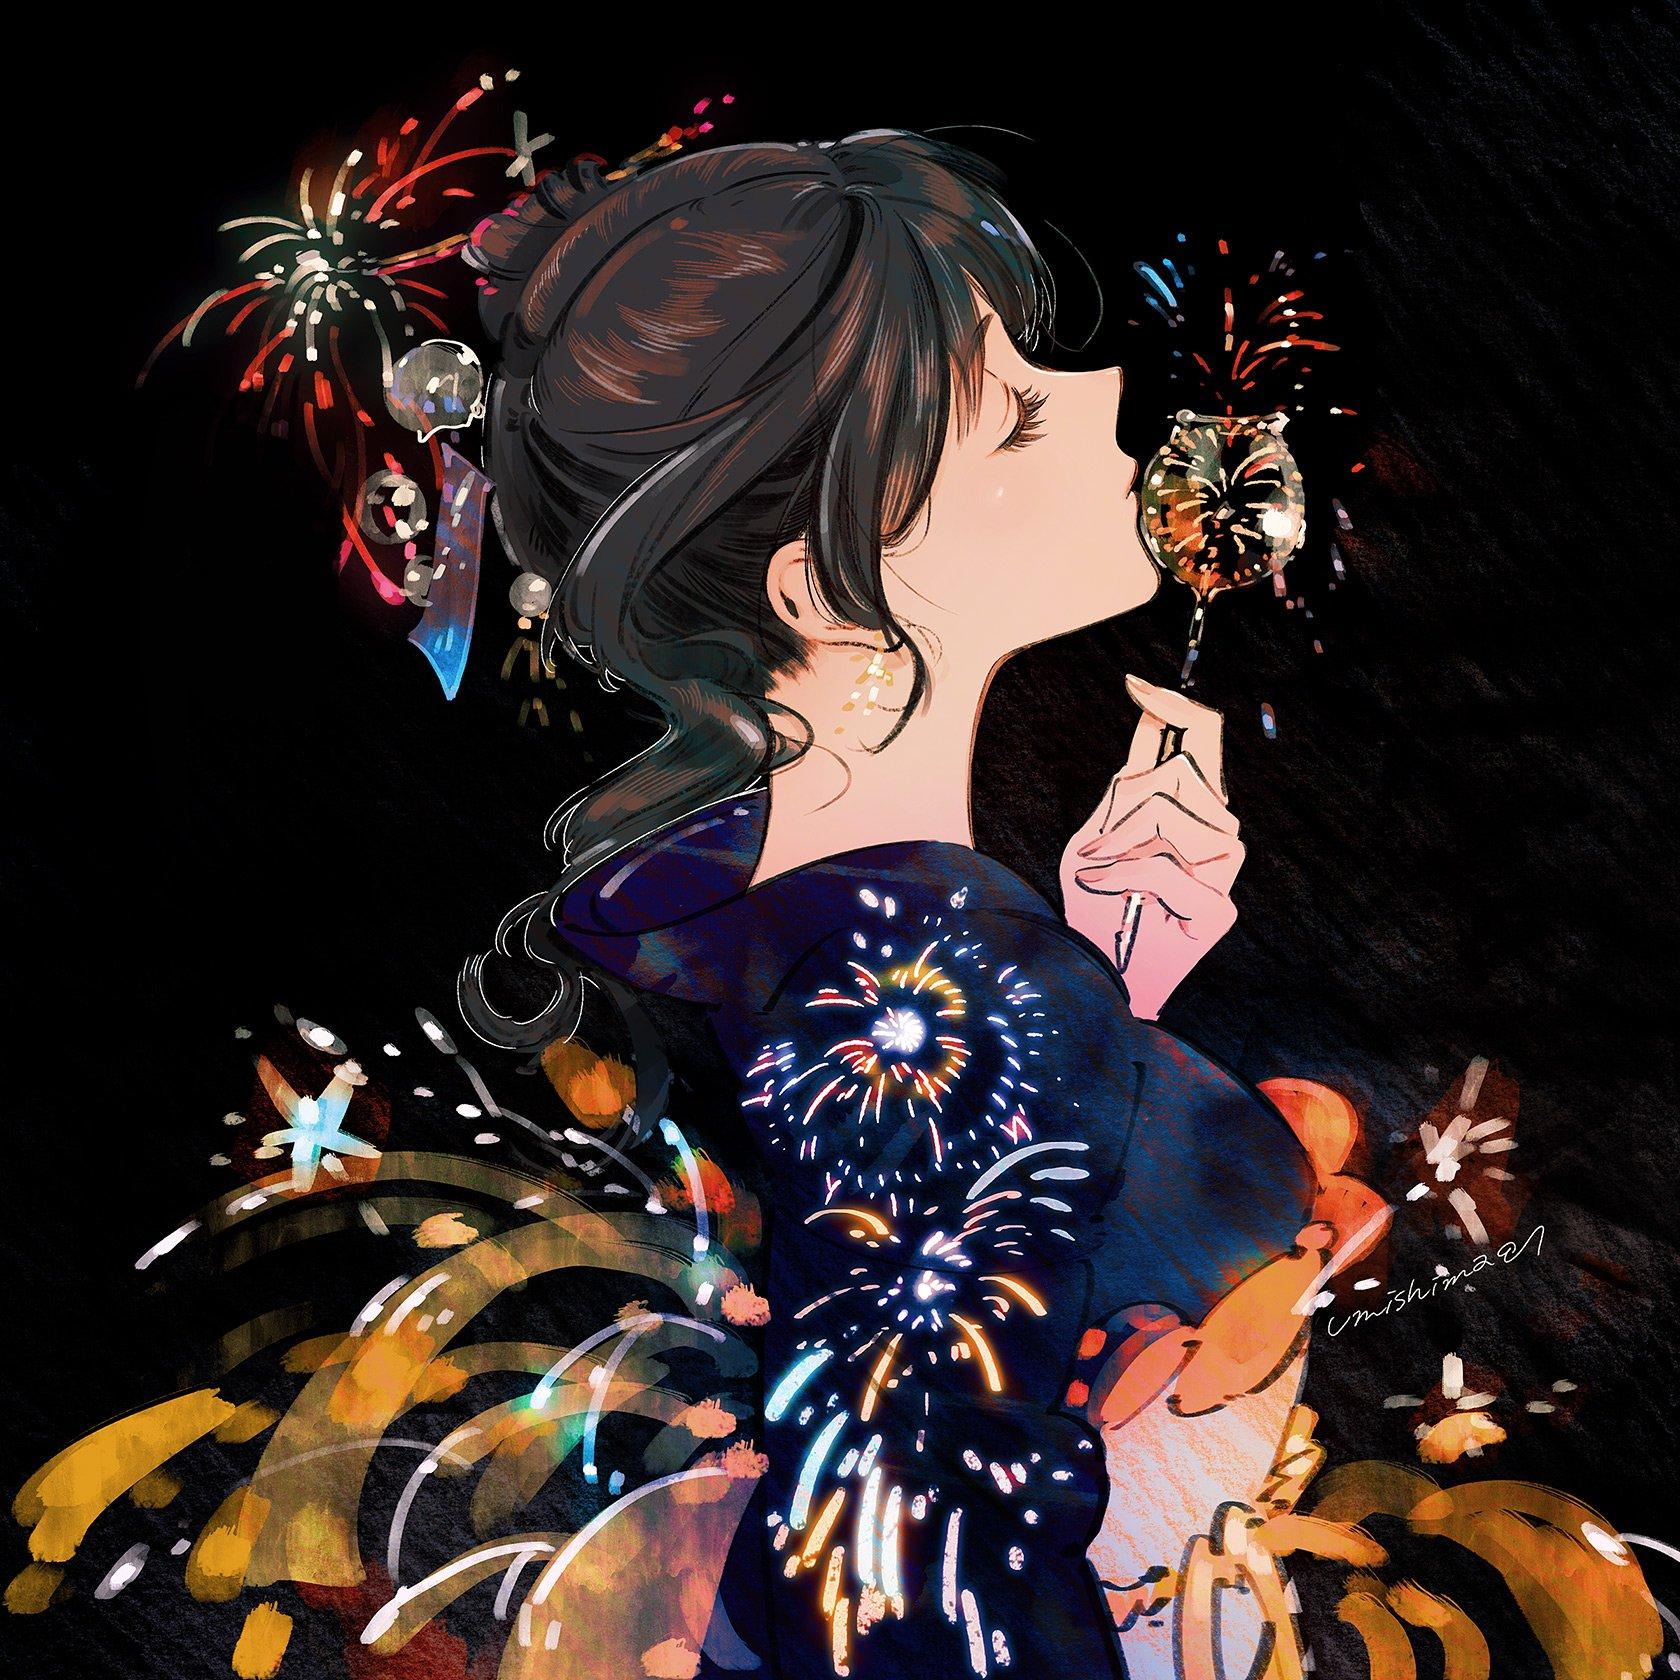 日推画师海島千本作品,夏日火花系列。